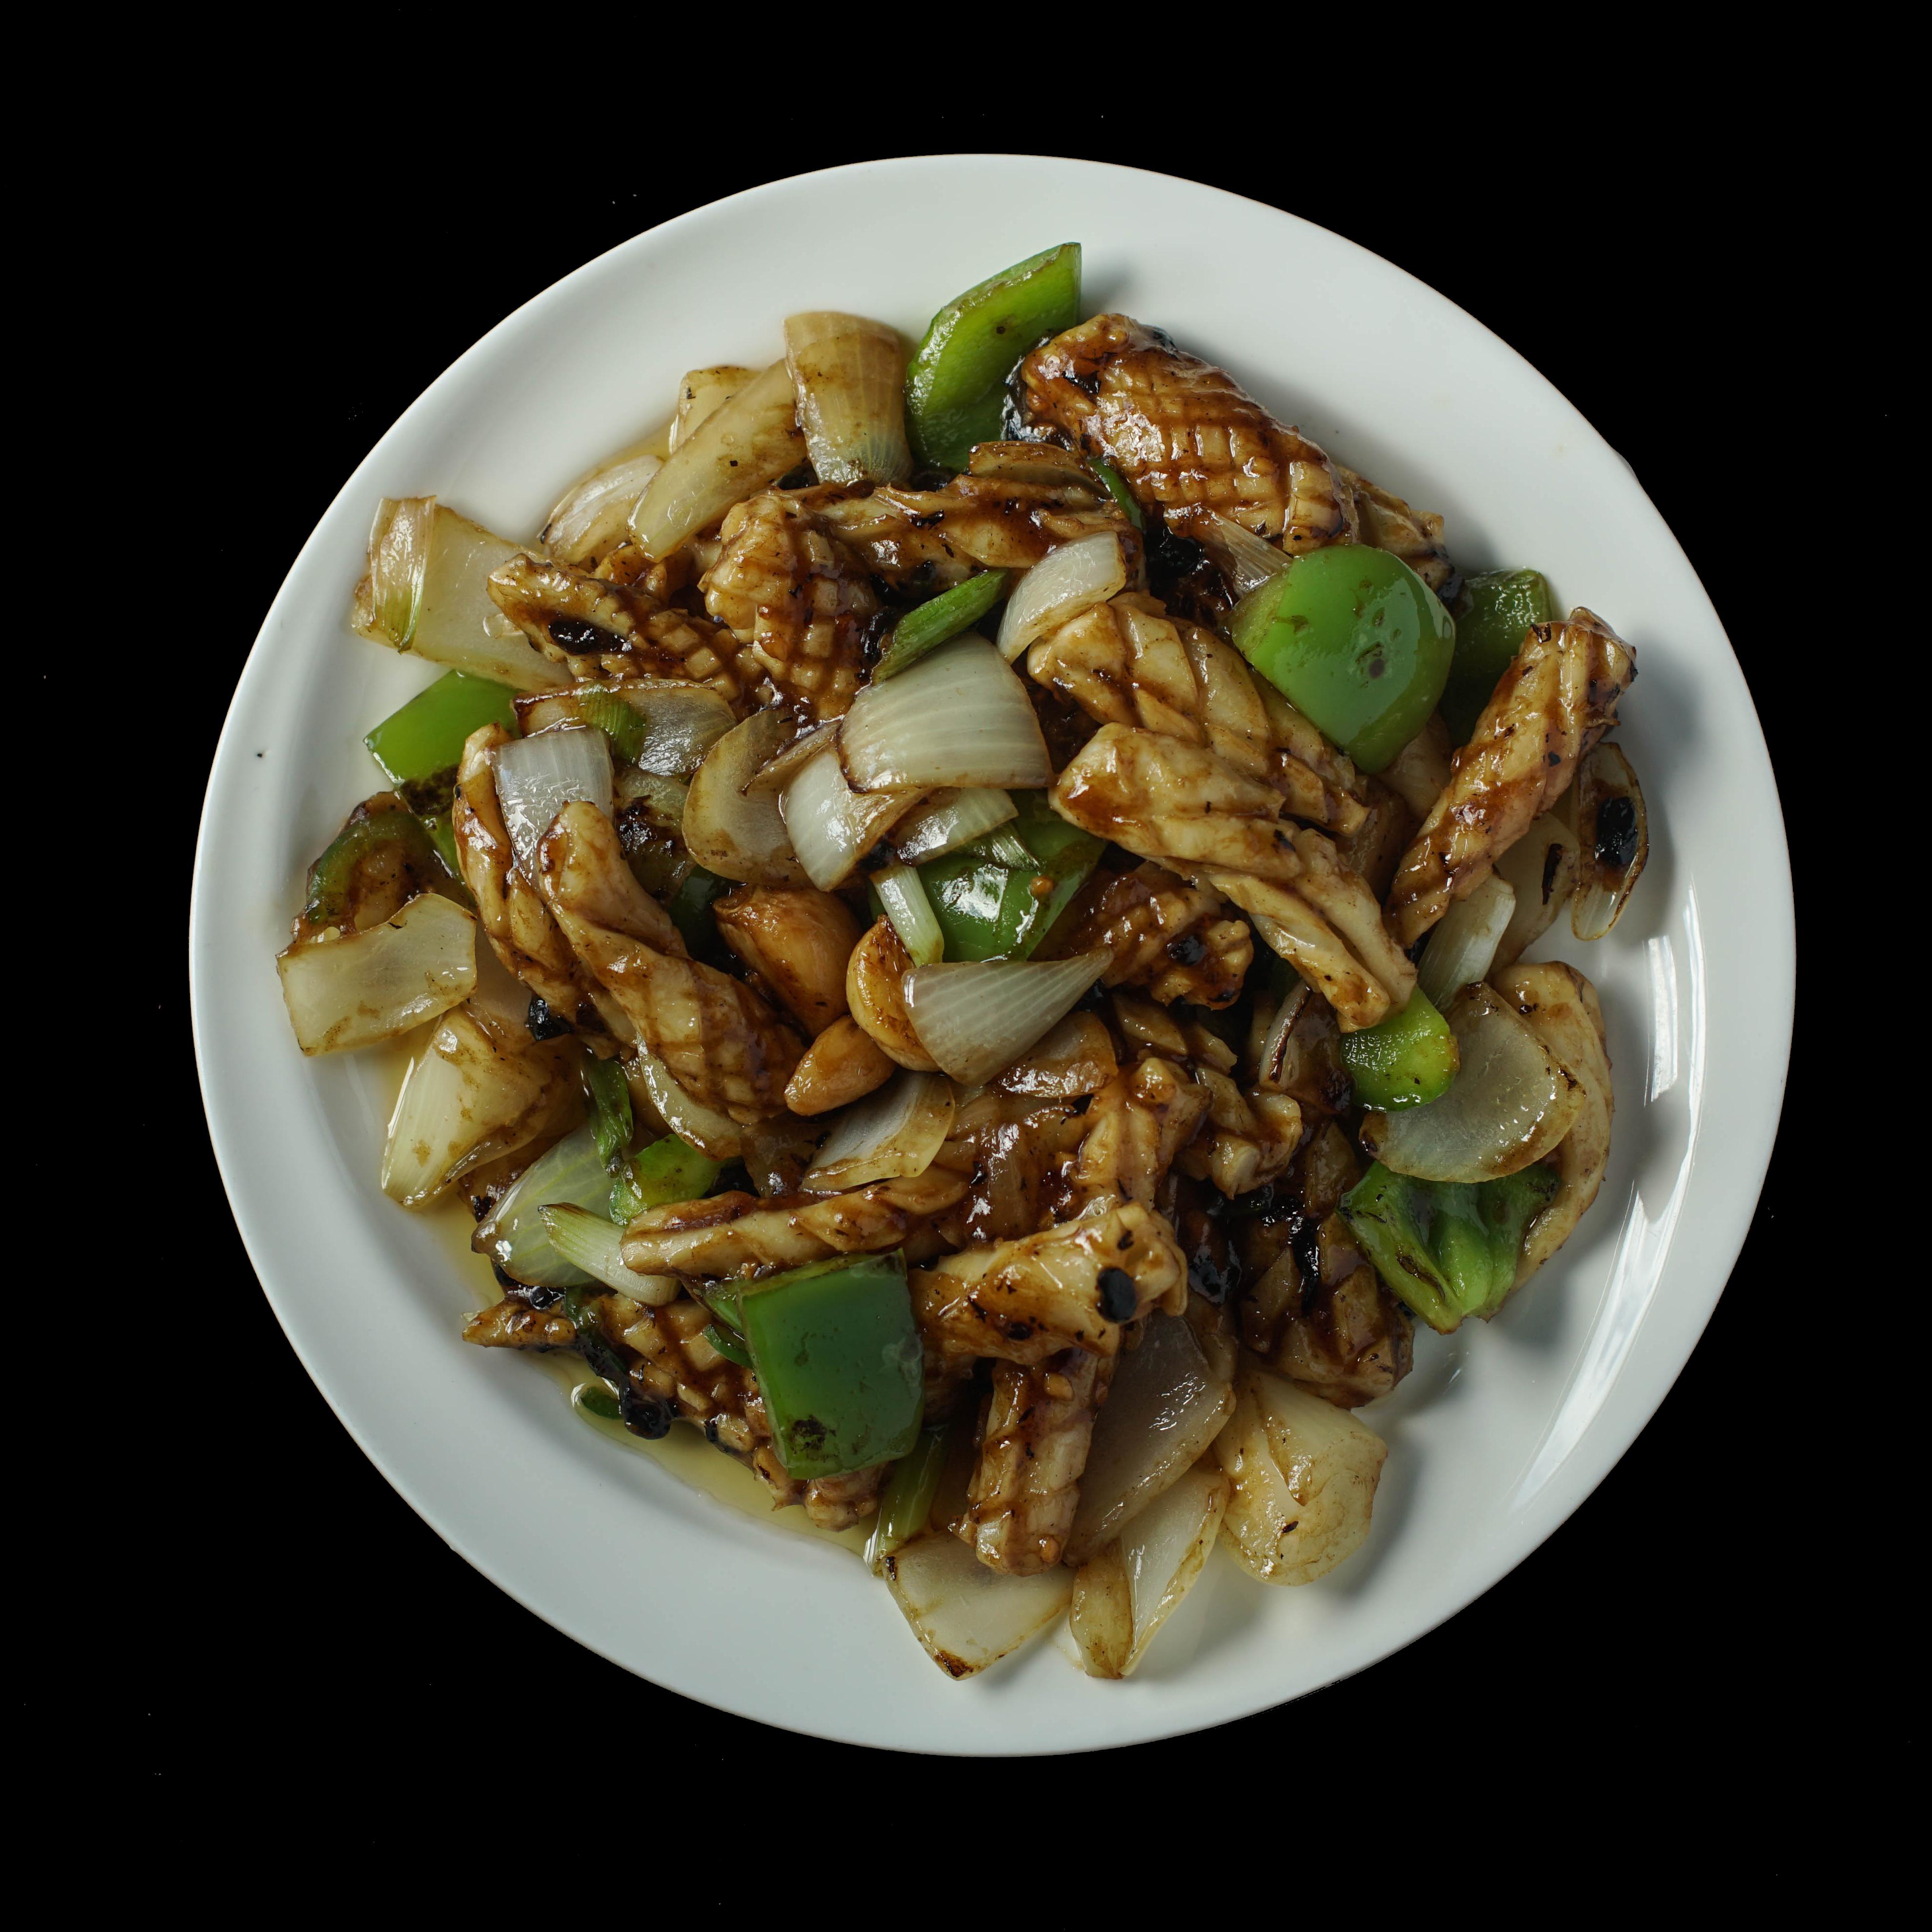 77. 豉椒 Canton Style Fermented Soy Bean Sauce